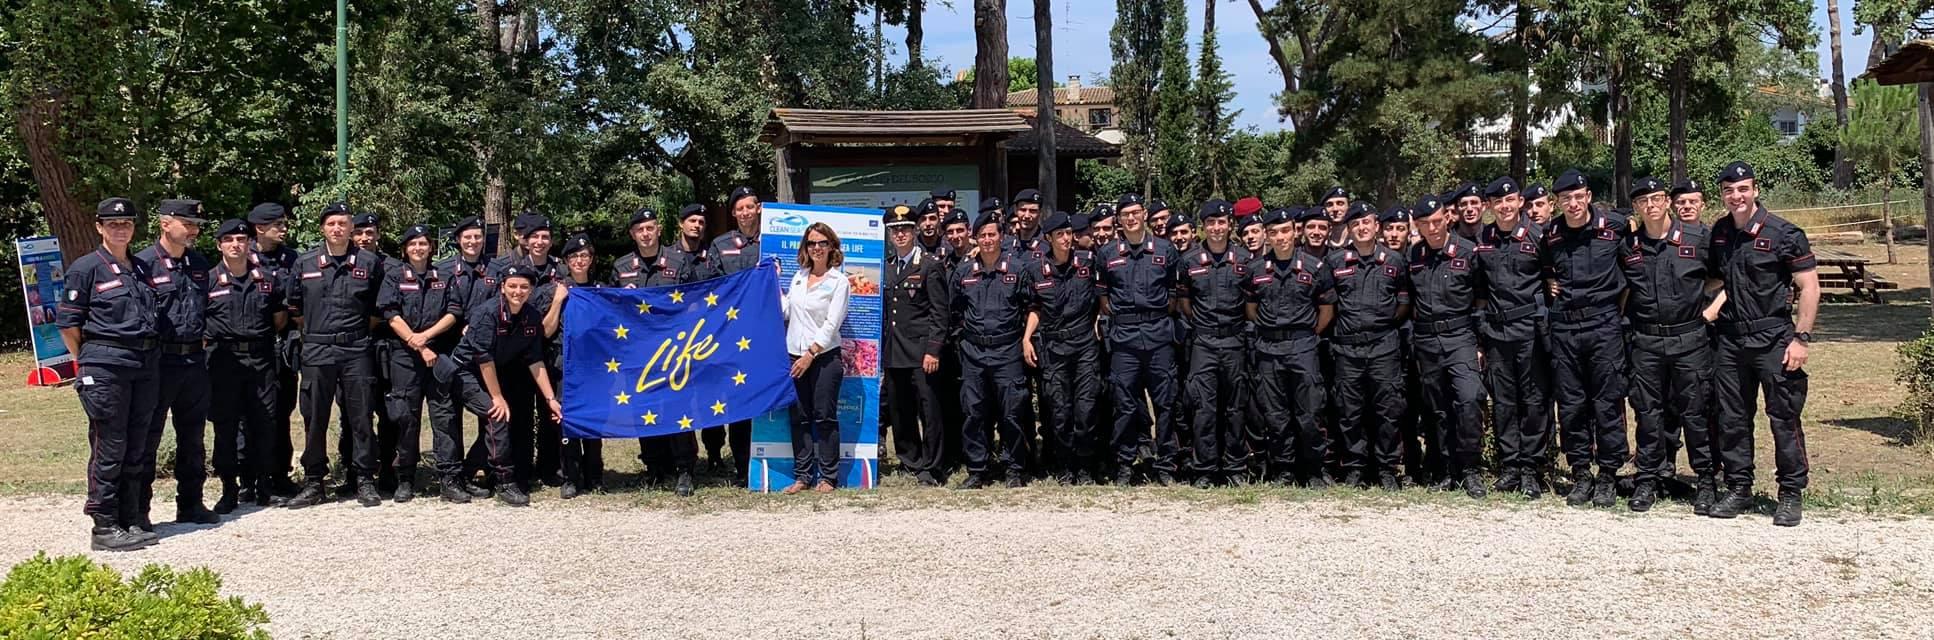 con gli allievi ufficiali dei Carabinieri